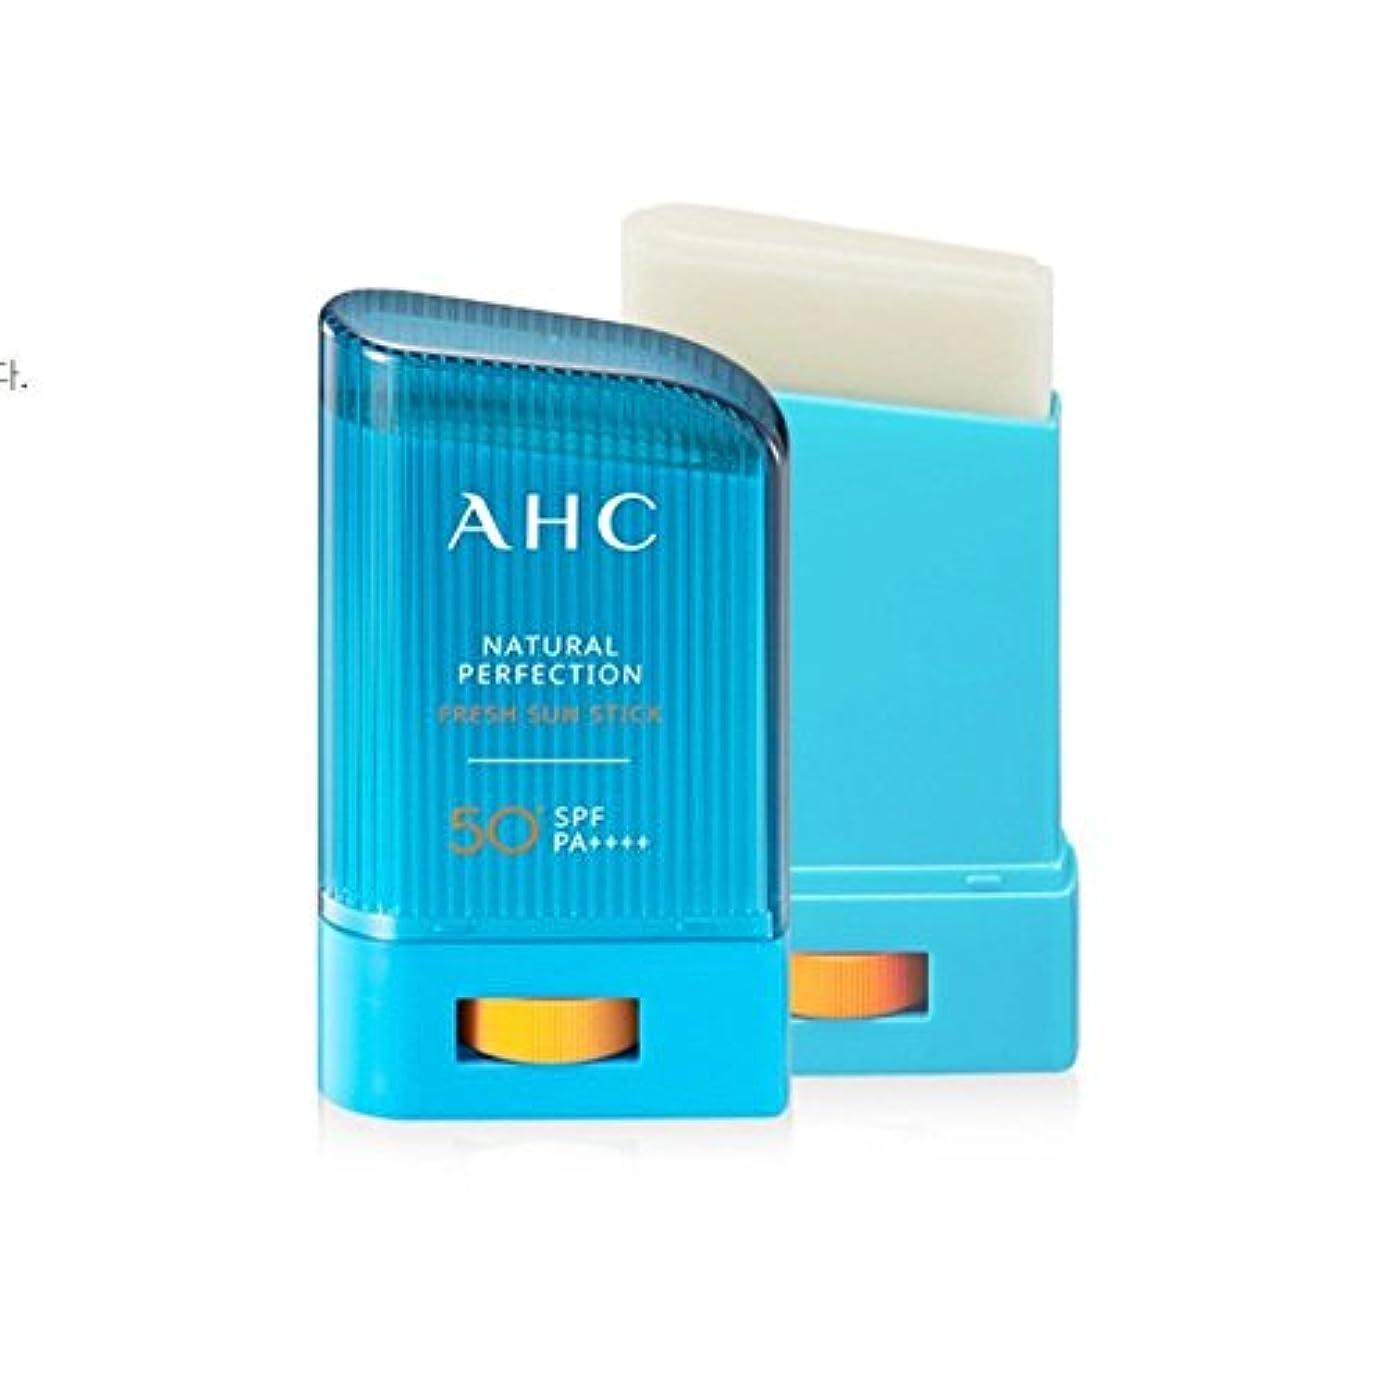 描く迫害する素敵な[1+1] AHC Natural Perfection Fresh Sun Stick ナチュラルパーフェクションフレッシュサンスティック 22g * 2個 [並行輸入品]